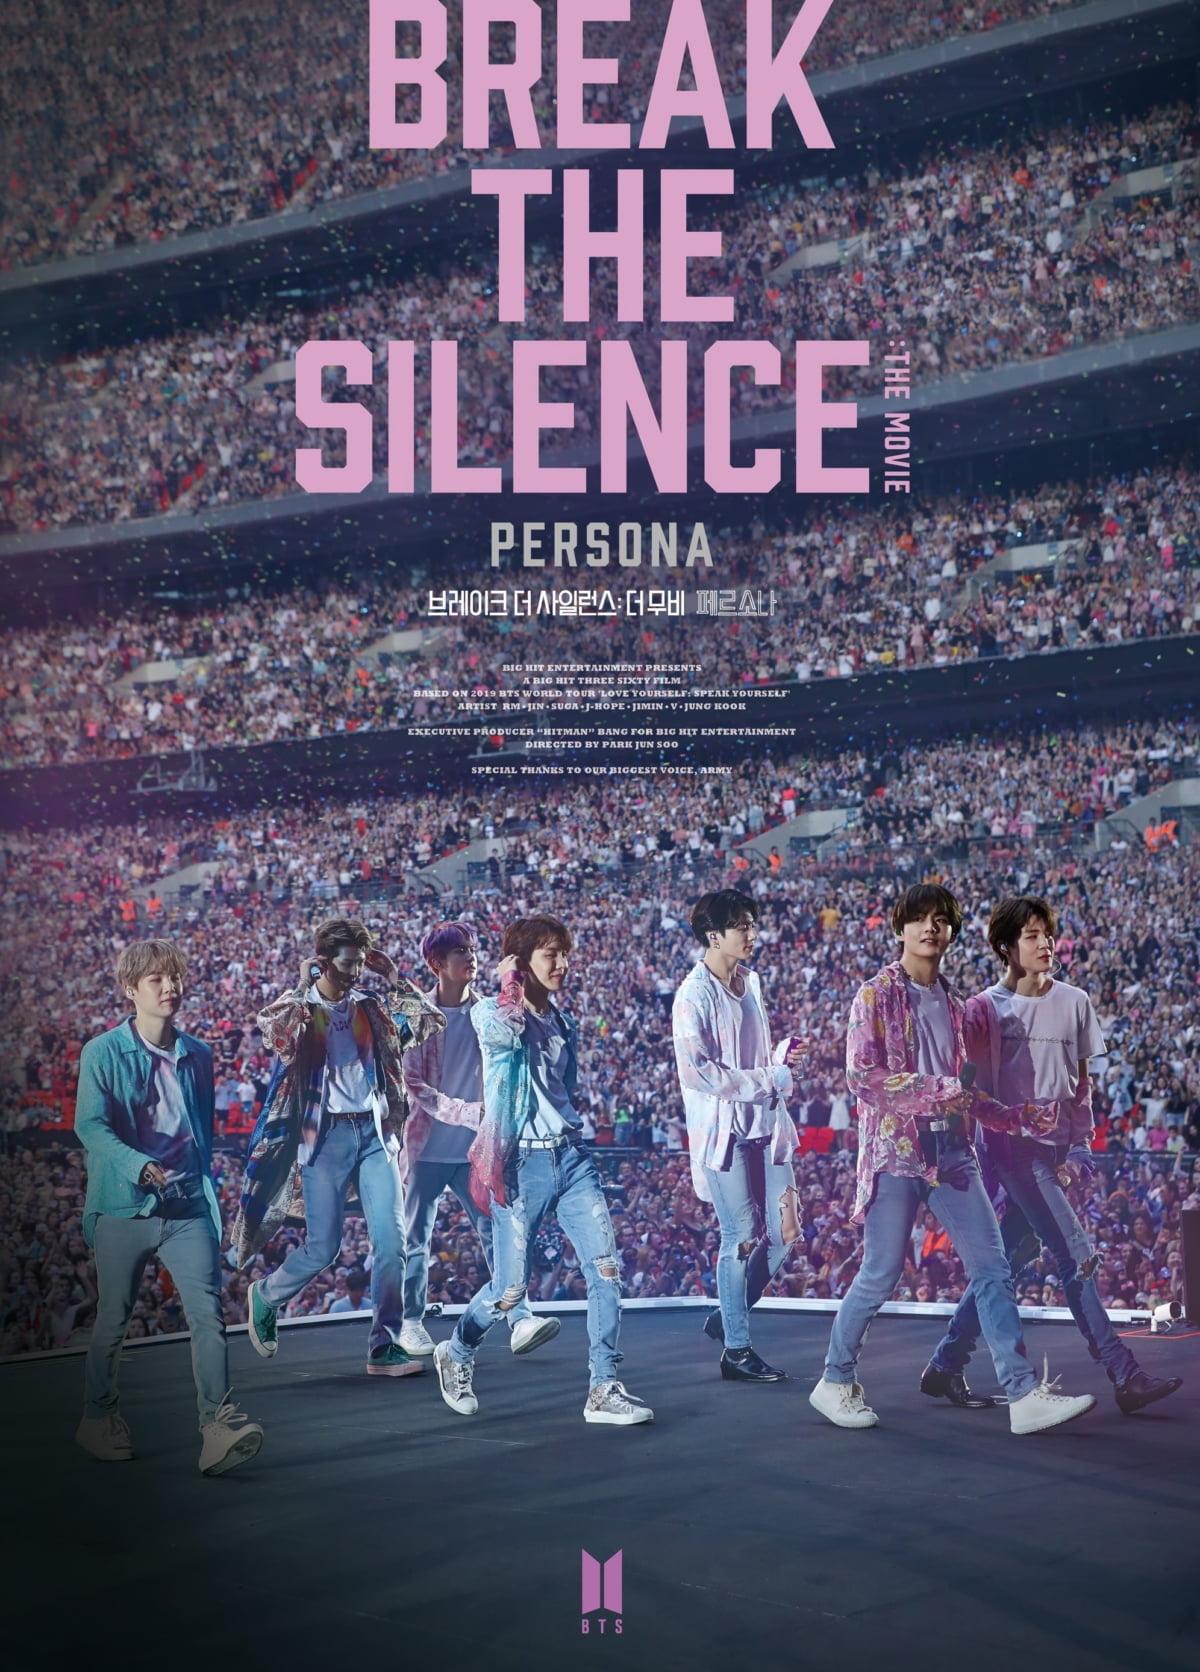 BTS 스타디움 투어 담은 영화, 최고의 음악 다큐멘터리로 선정